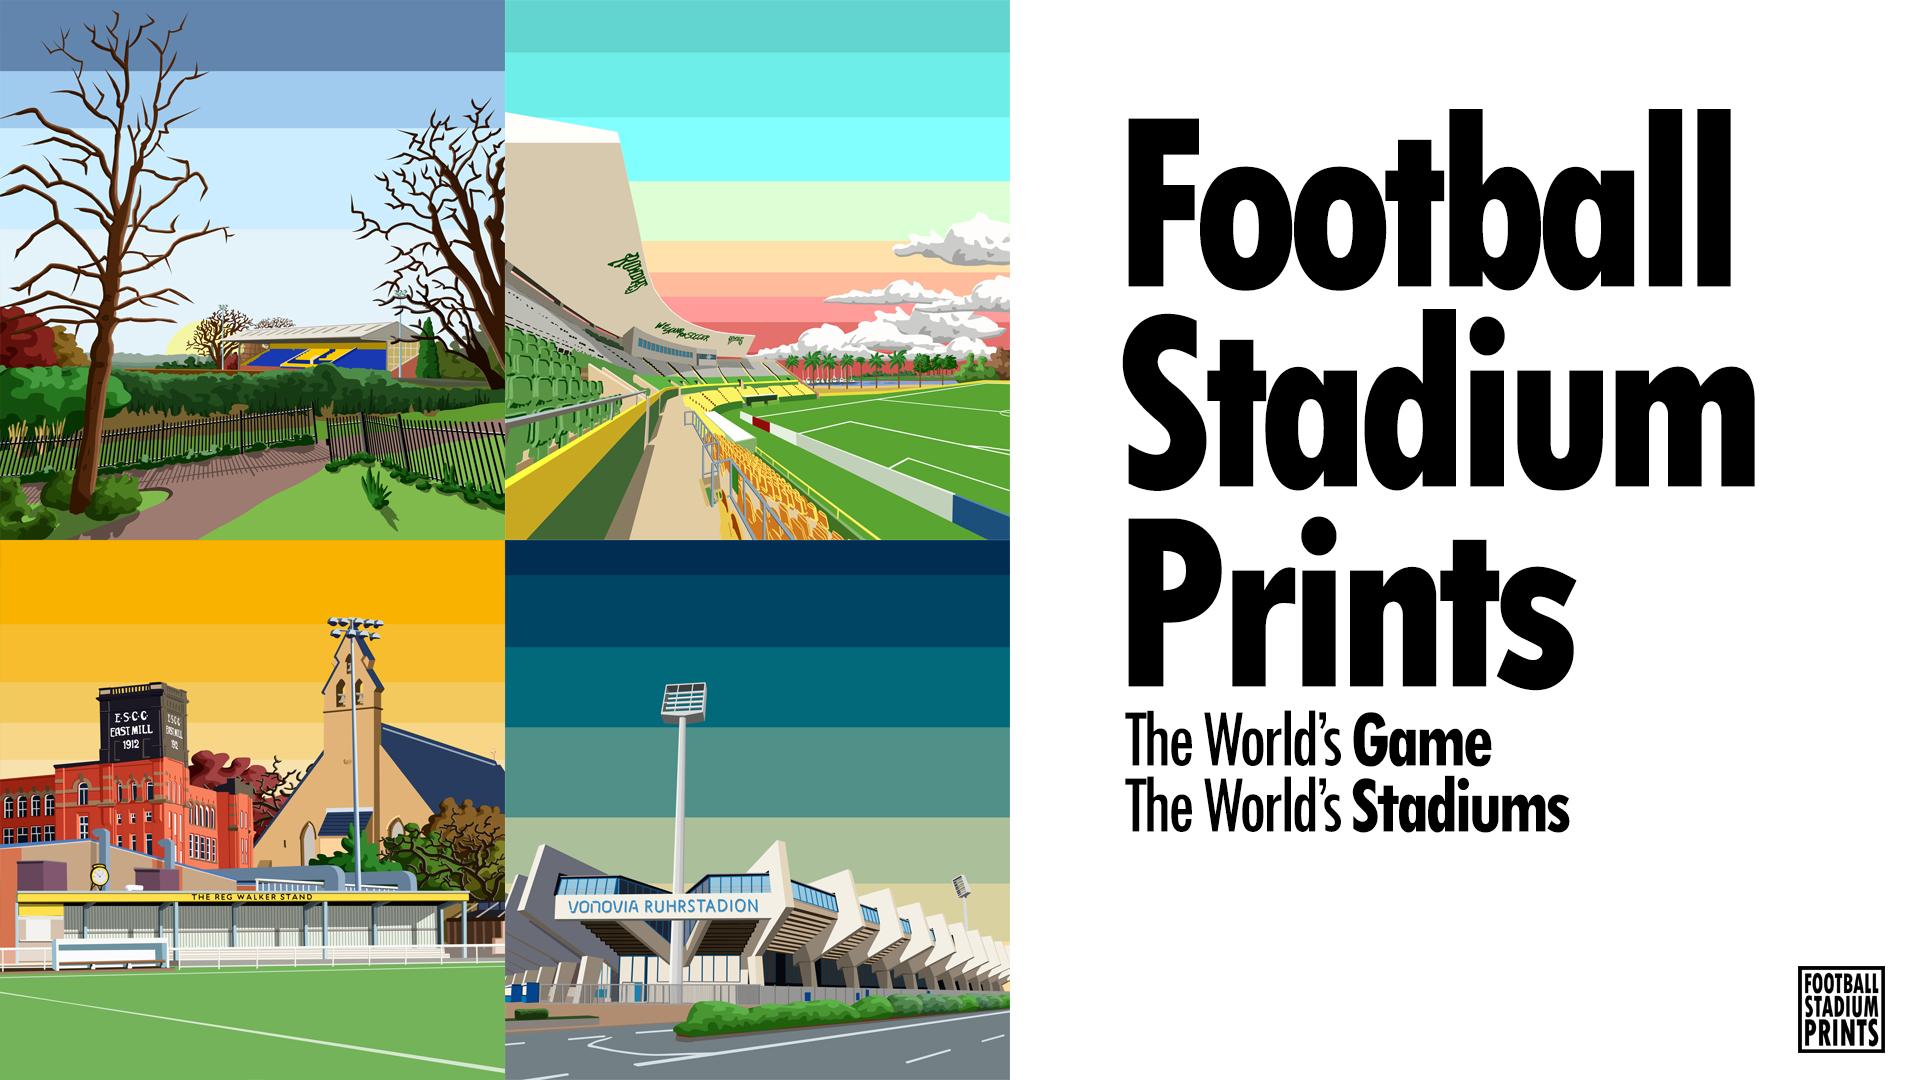 Canadian Premier League Archives - Football Stadium Prints